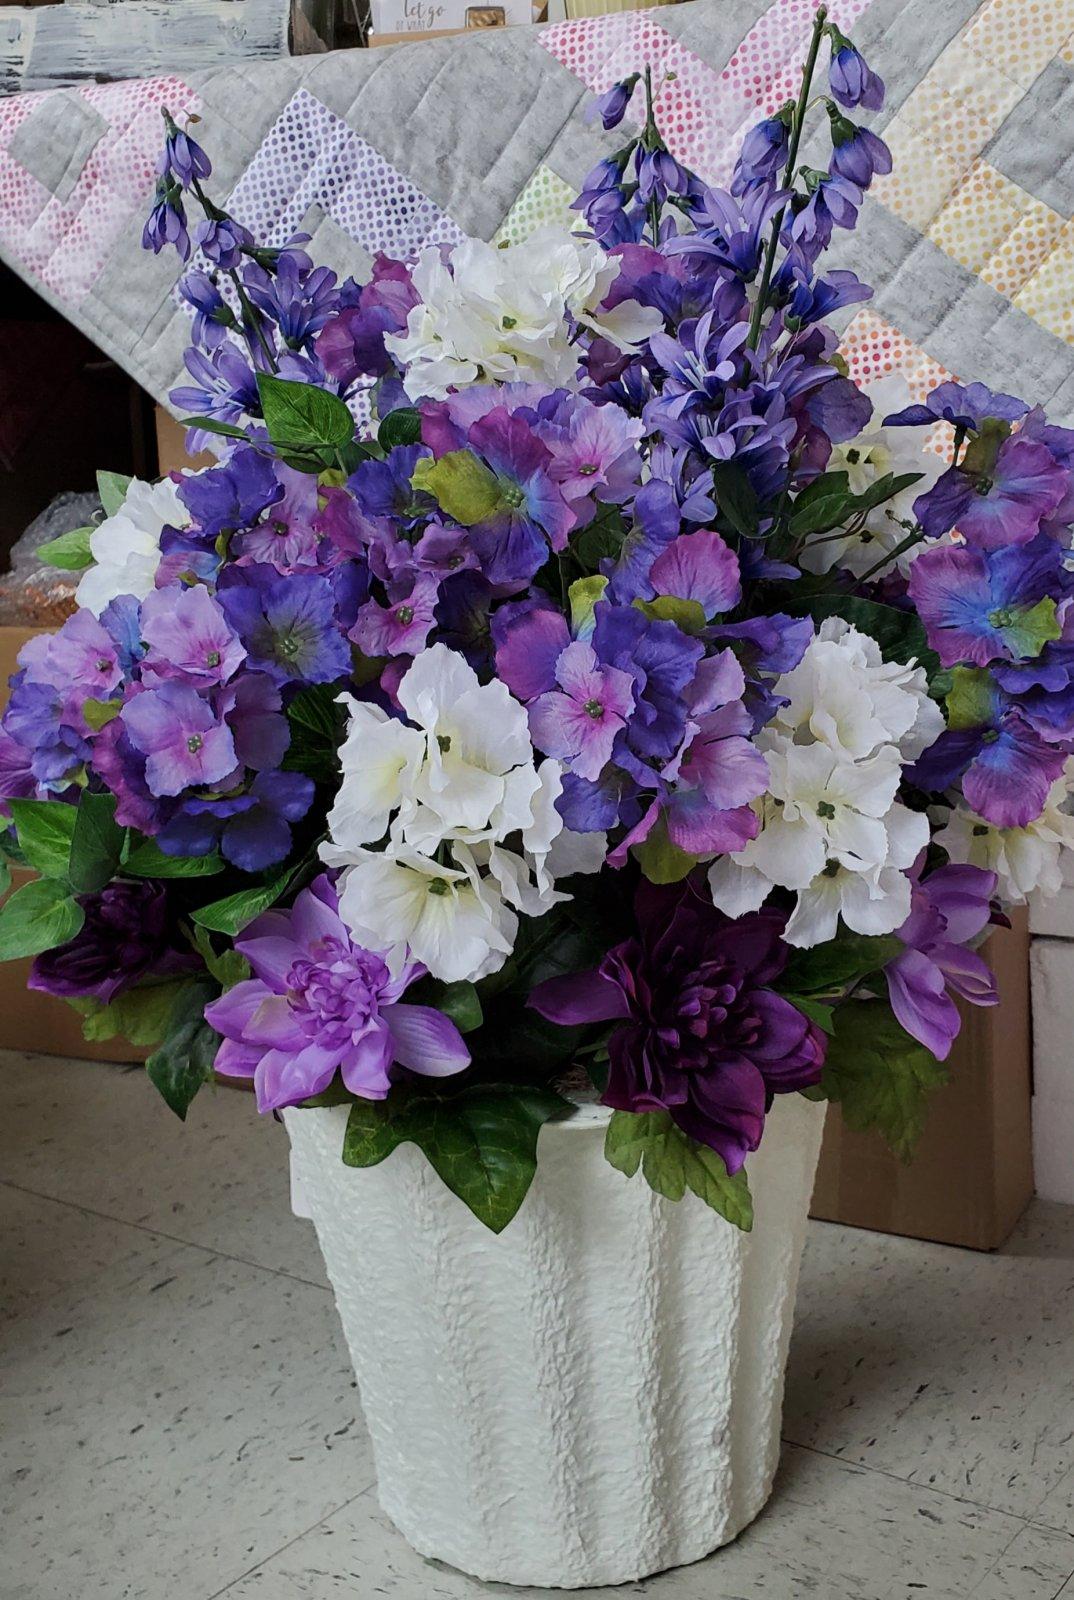 Memorial urn filler - purple